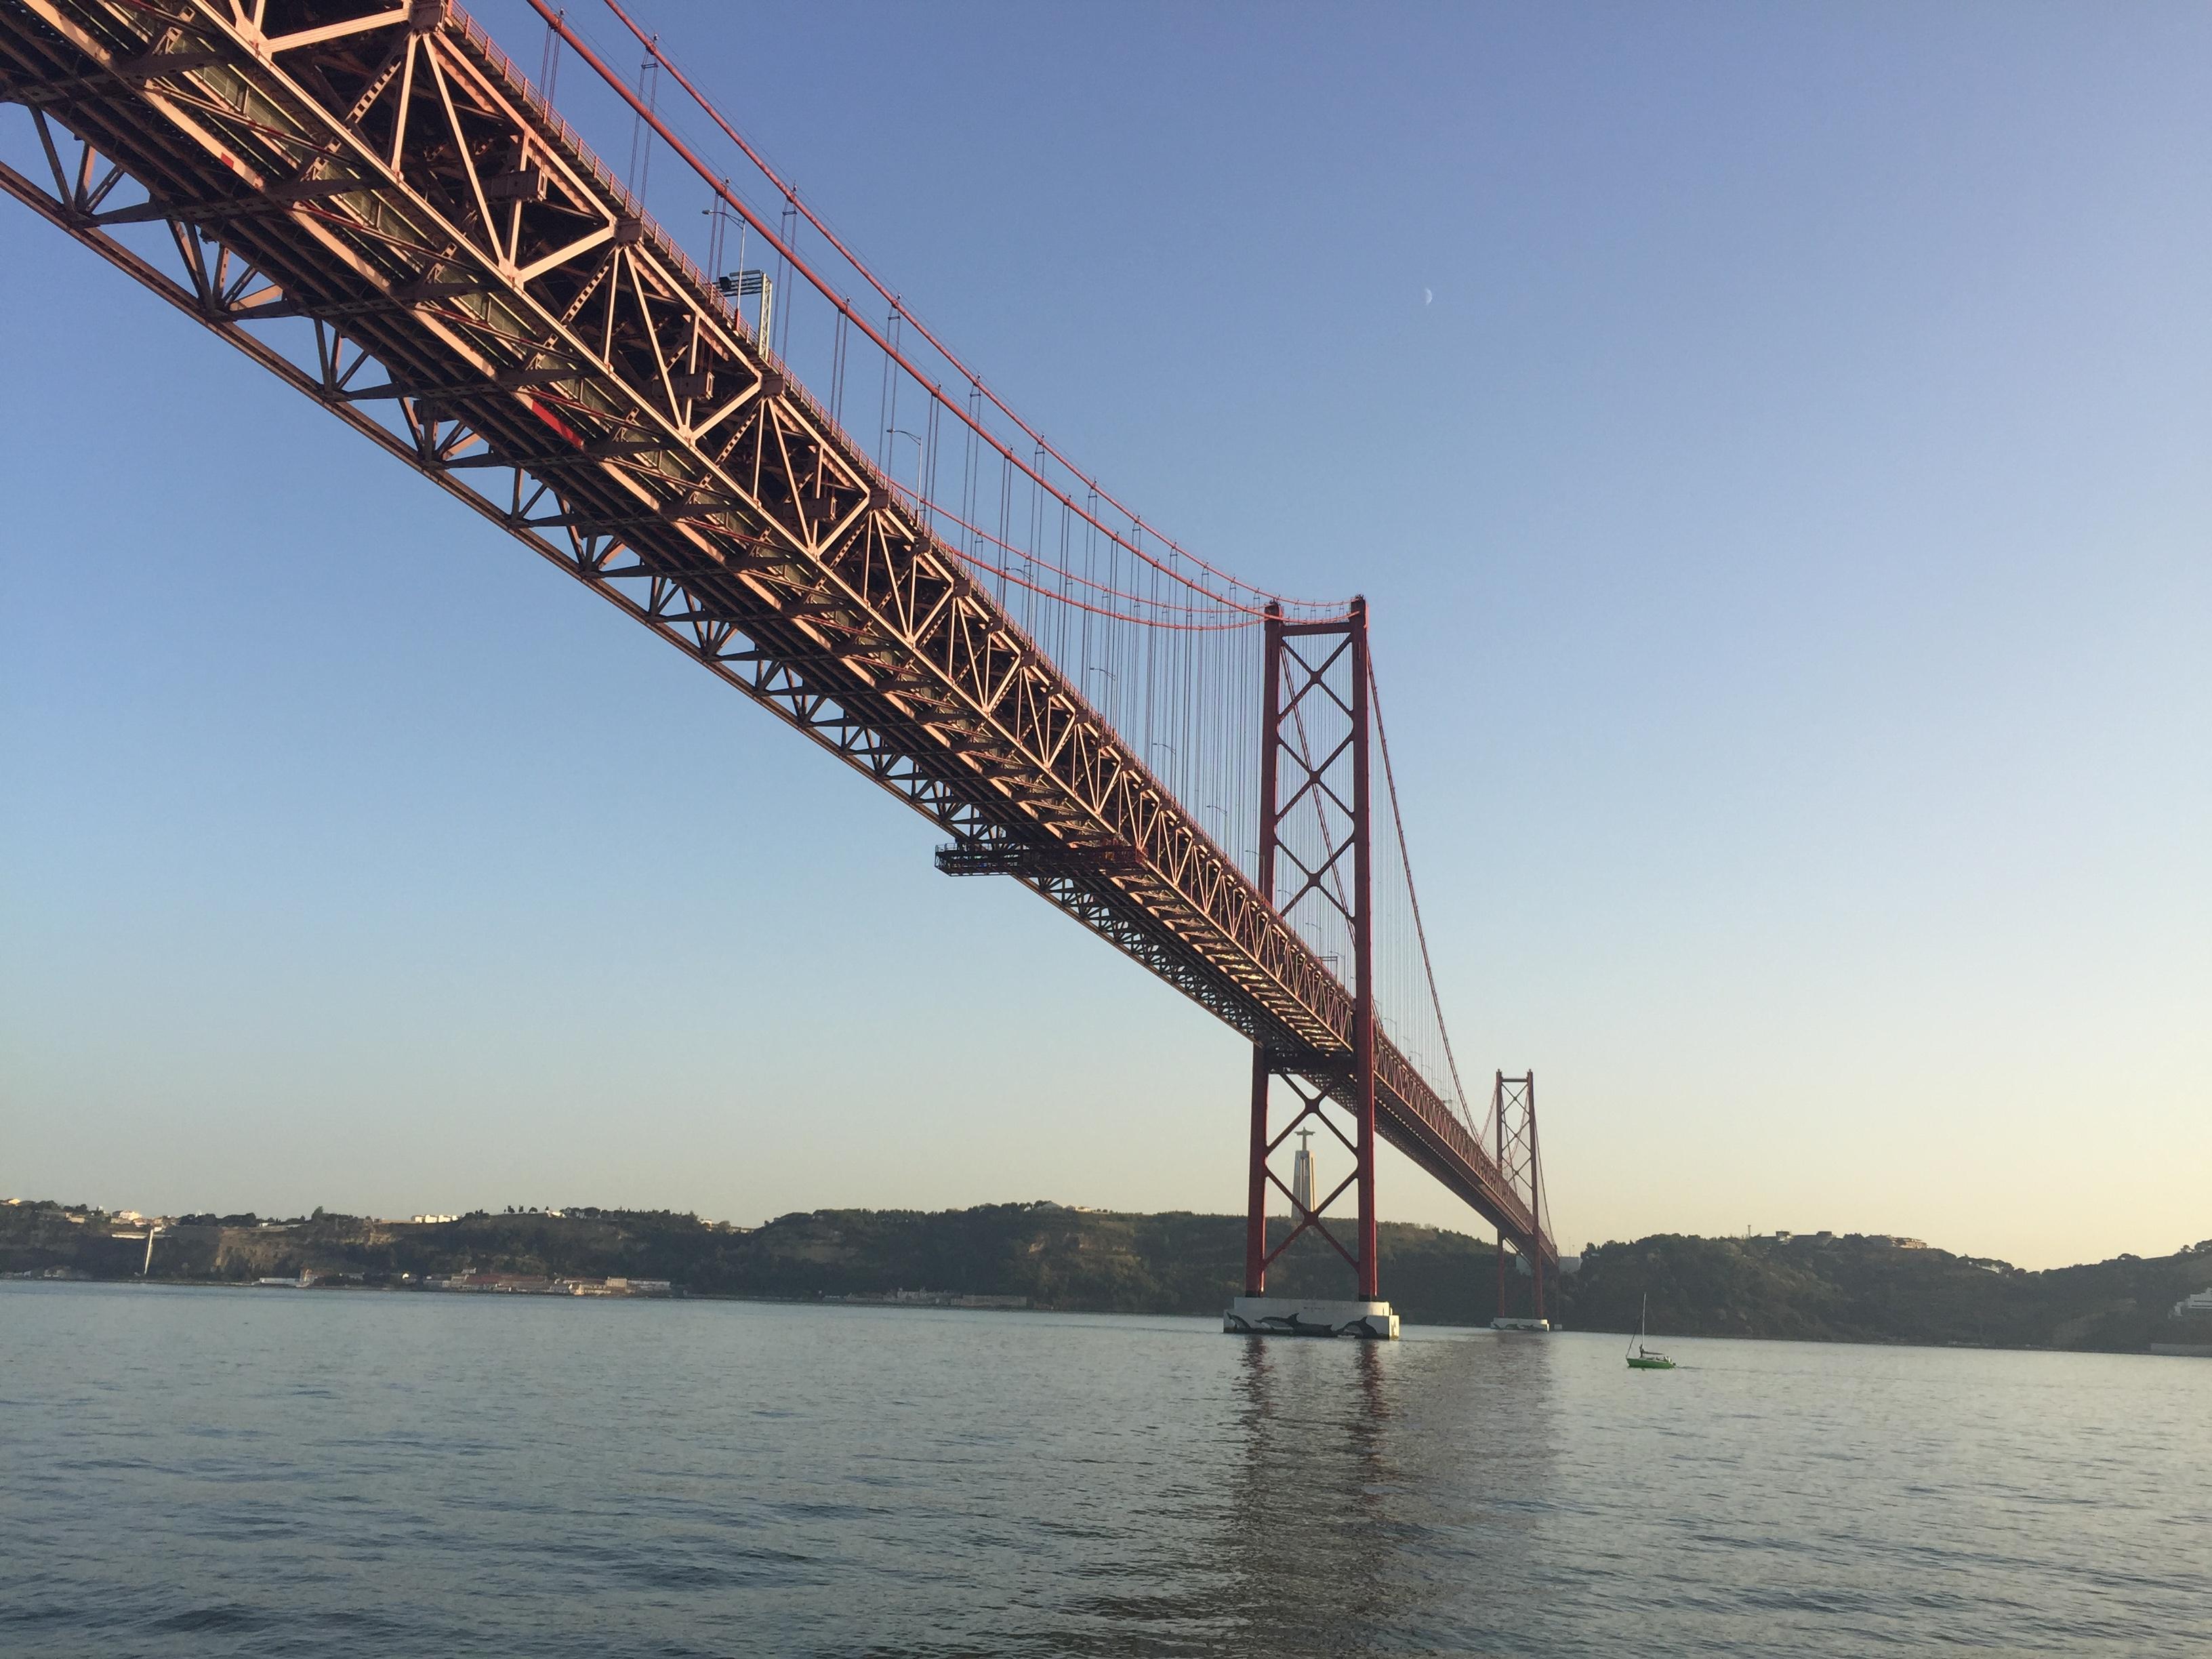 Mit Mein Schiff entdecken: Die Brücke des 25. April in Lissabon